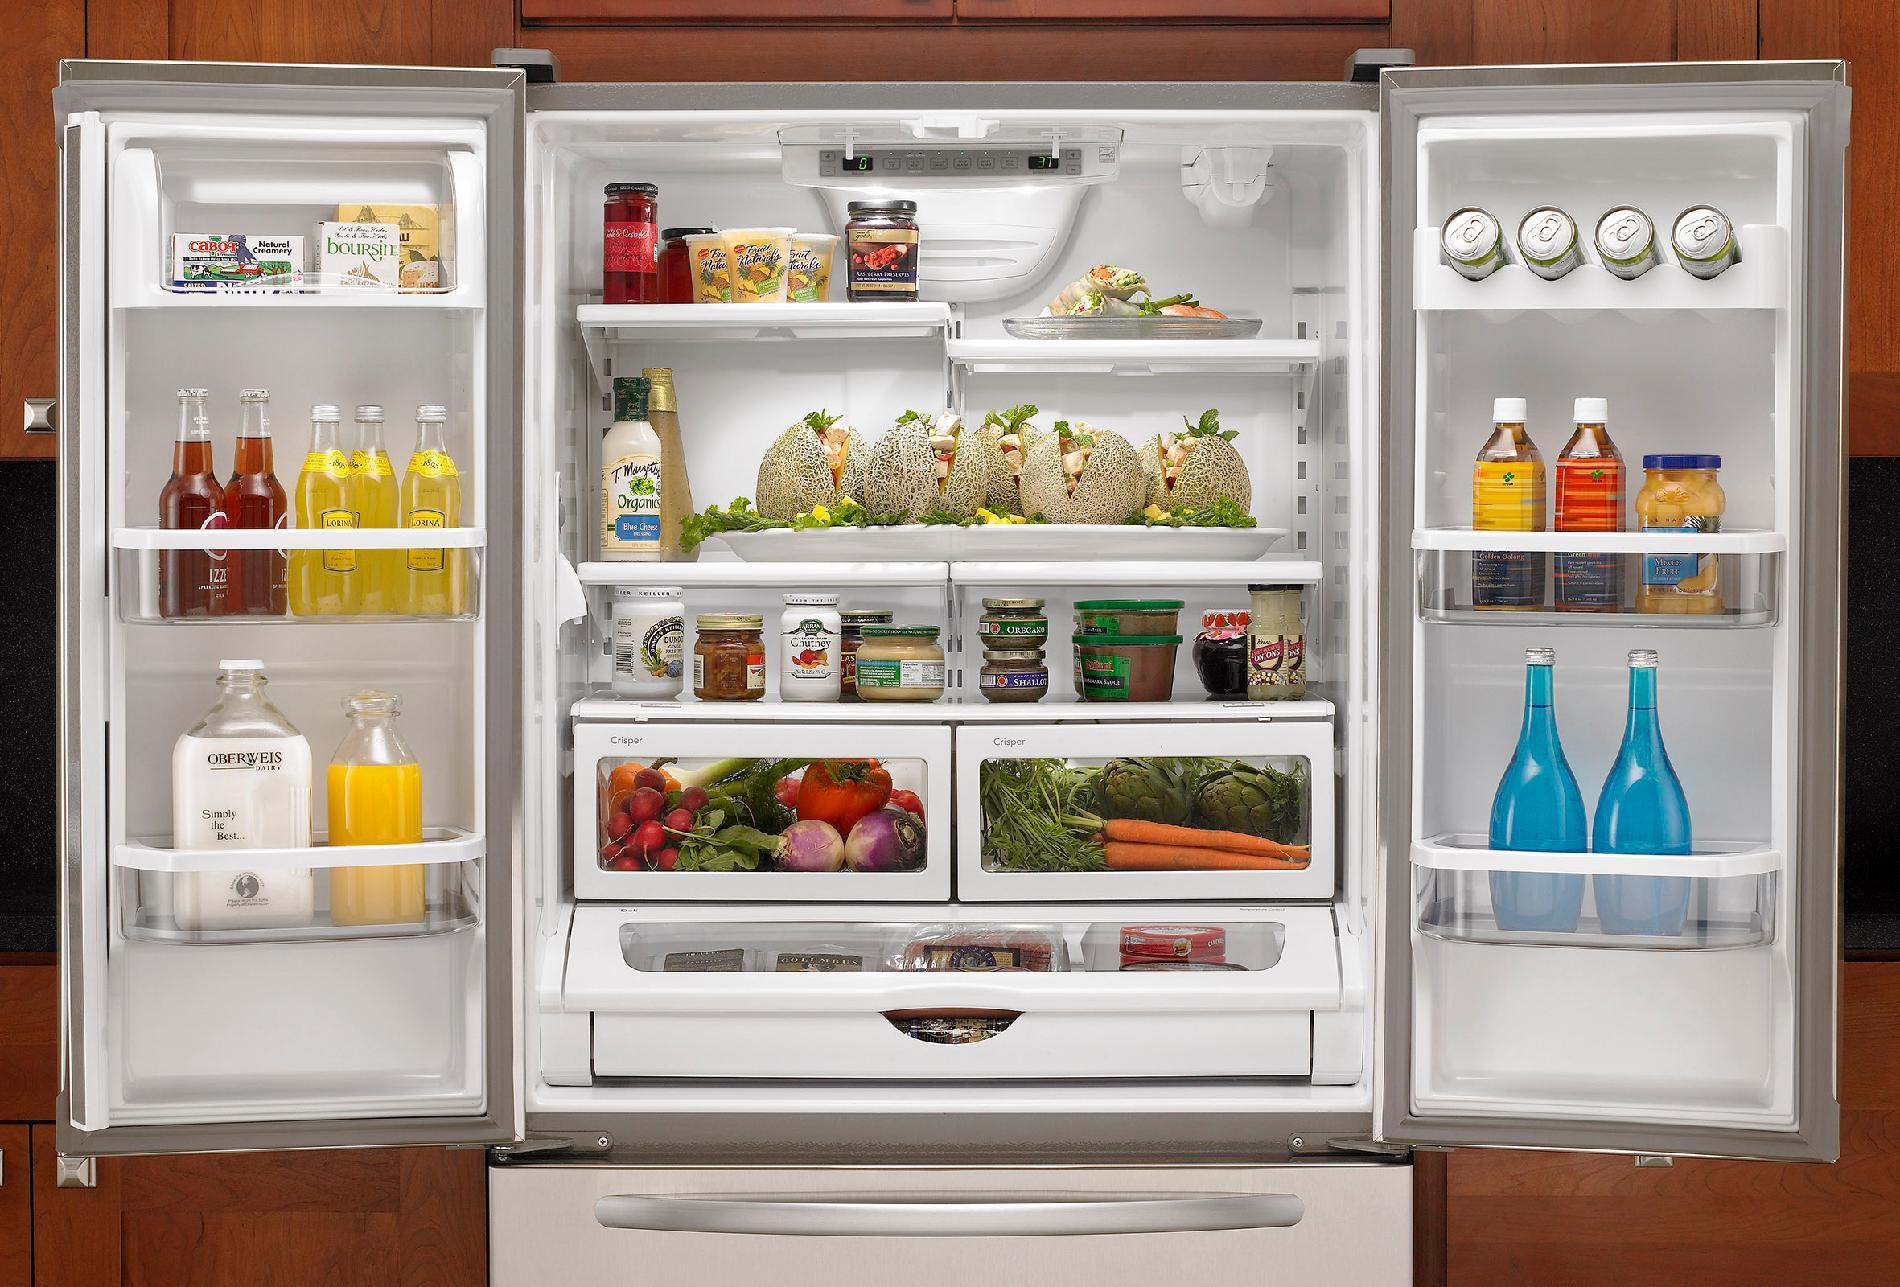 KitchenAid 19.8 cu. ft. French-Door Refrigerator w/ Interior Water Dispenser